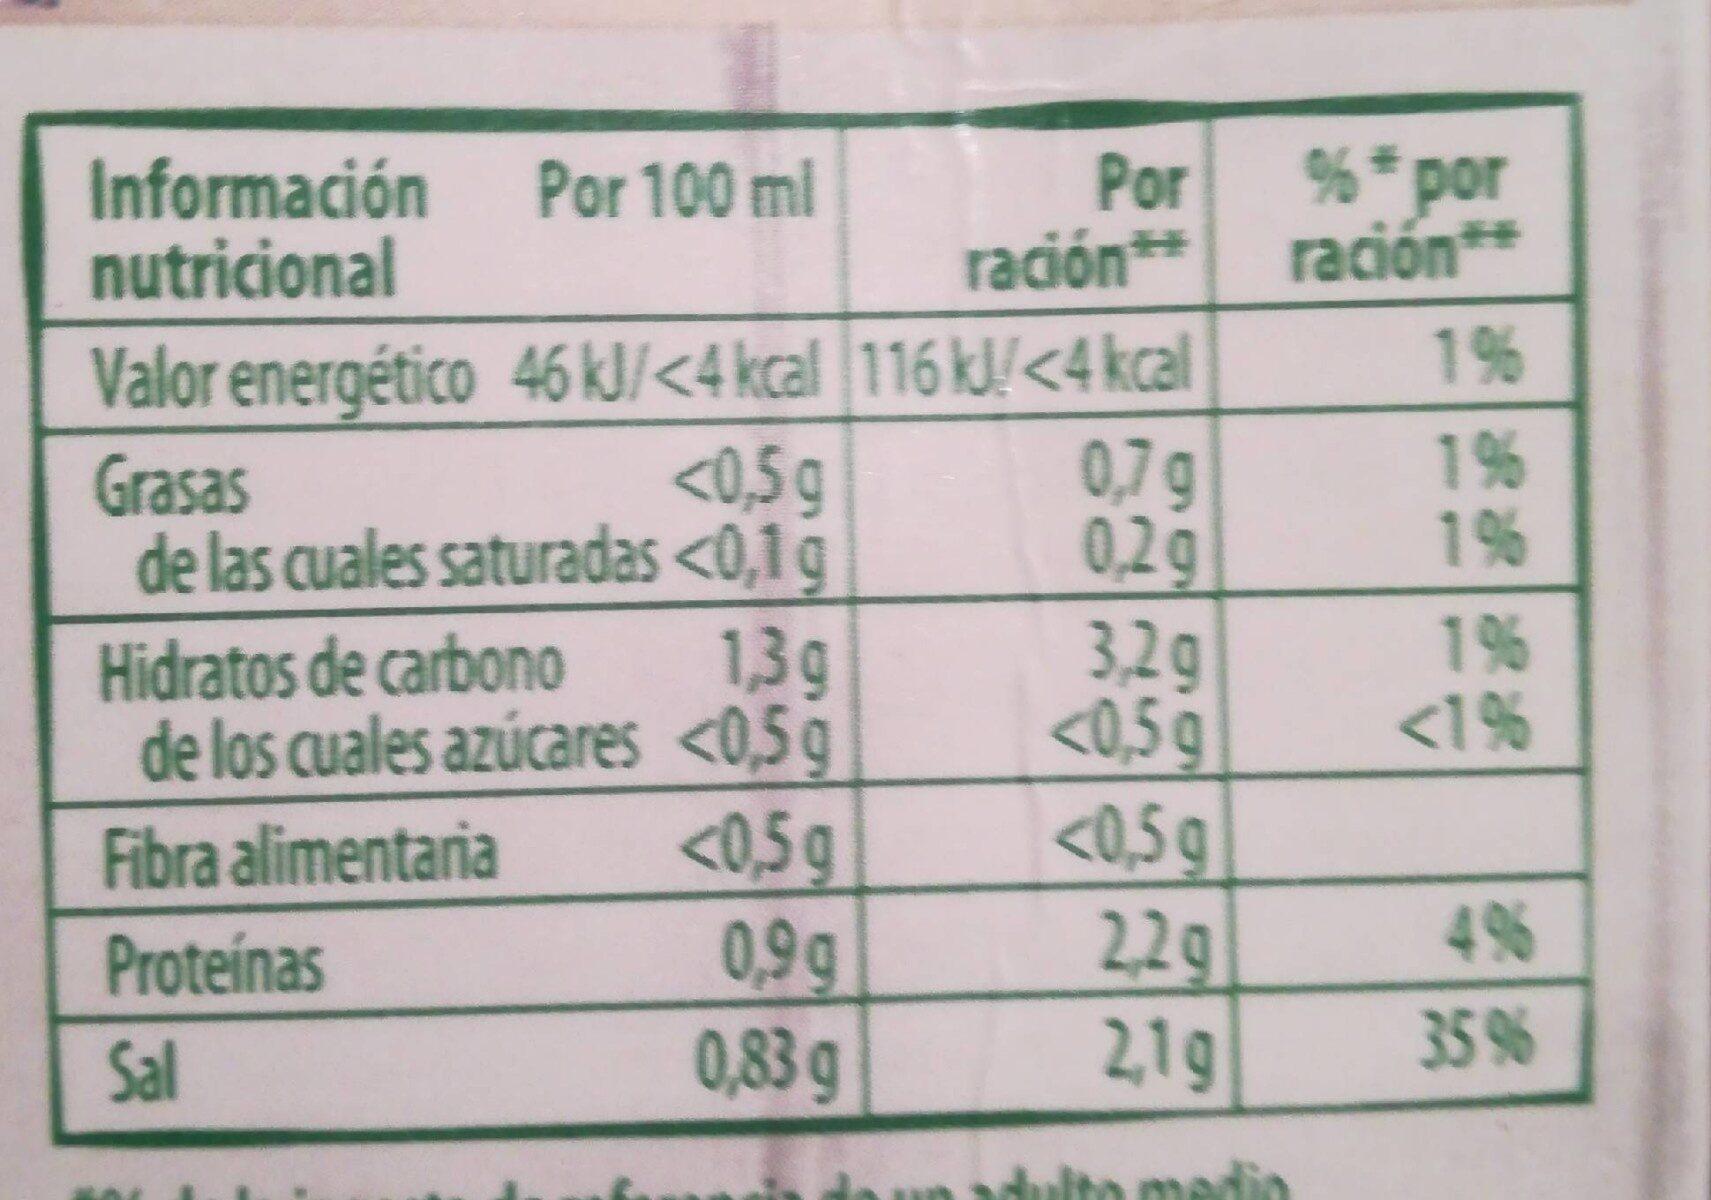 Eco caldo de pollo ecológico, sin gluten y sin lactosa envase 1 l - Nutrition facts - en